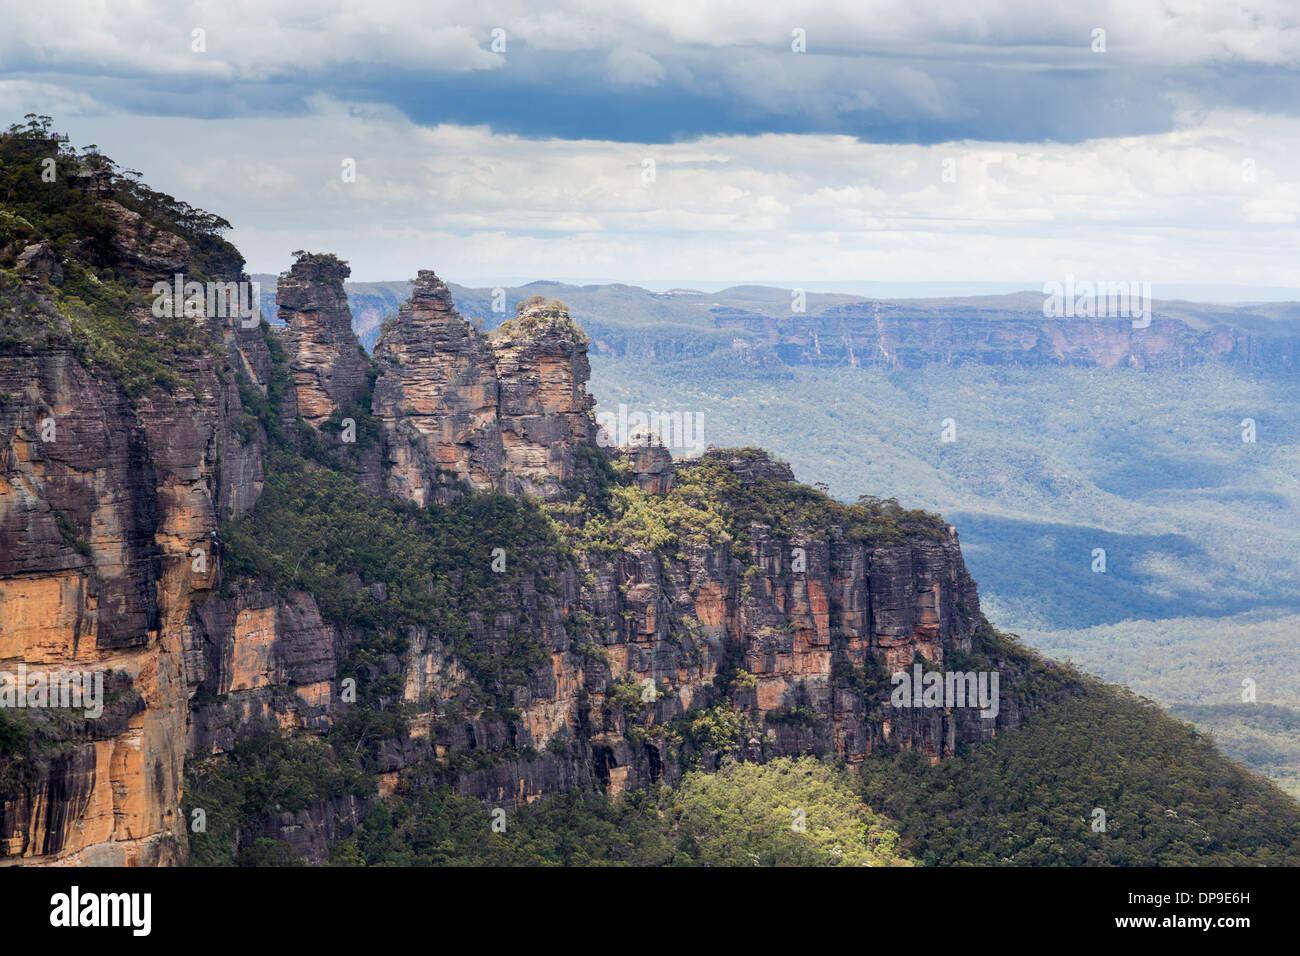 Trois Sœurs rock formation de Cliff View, Blue Mountains National Park, New South Wales, Australie Photo Stock